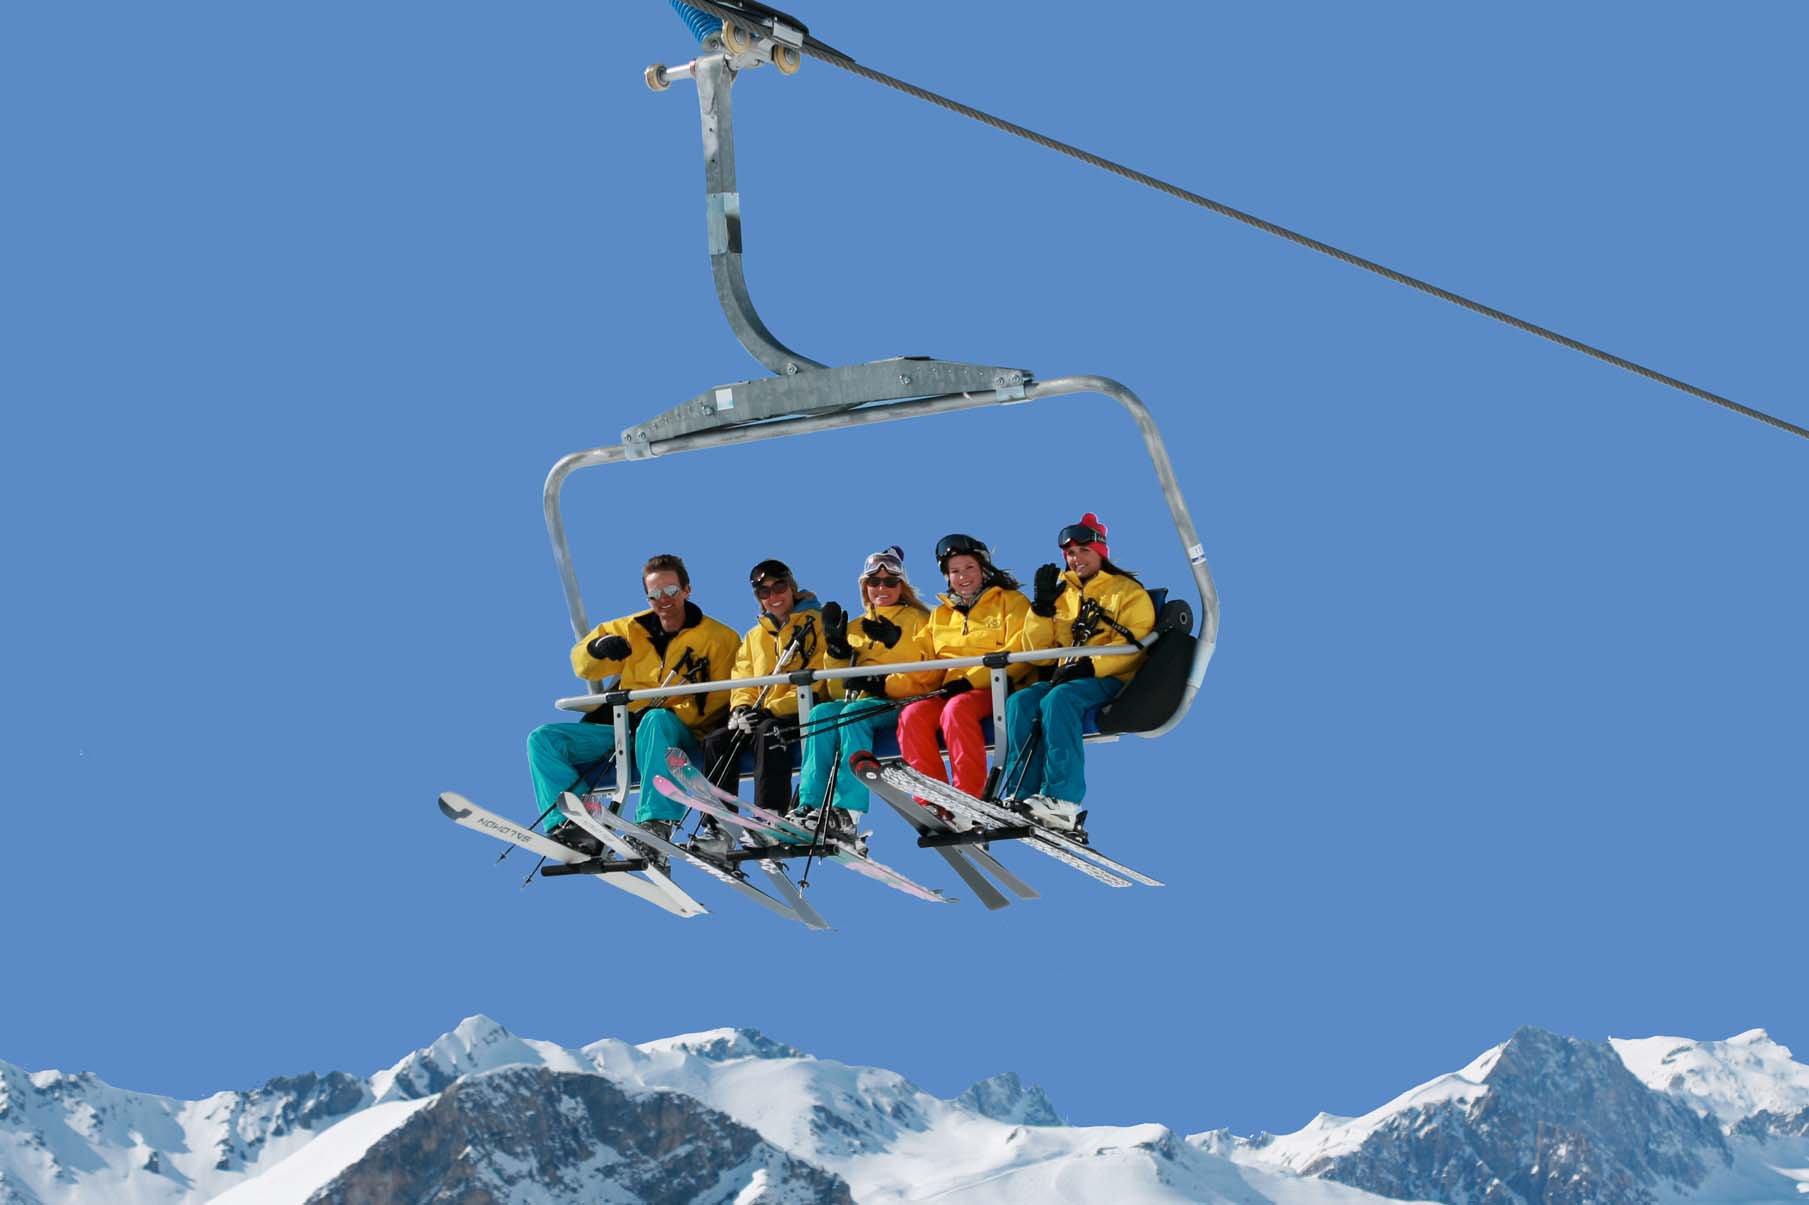 Ski pass